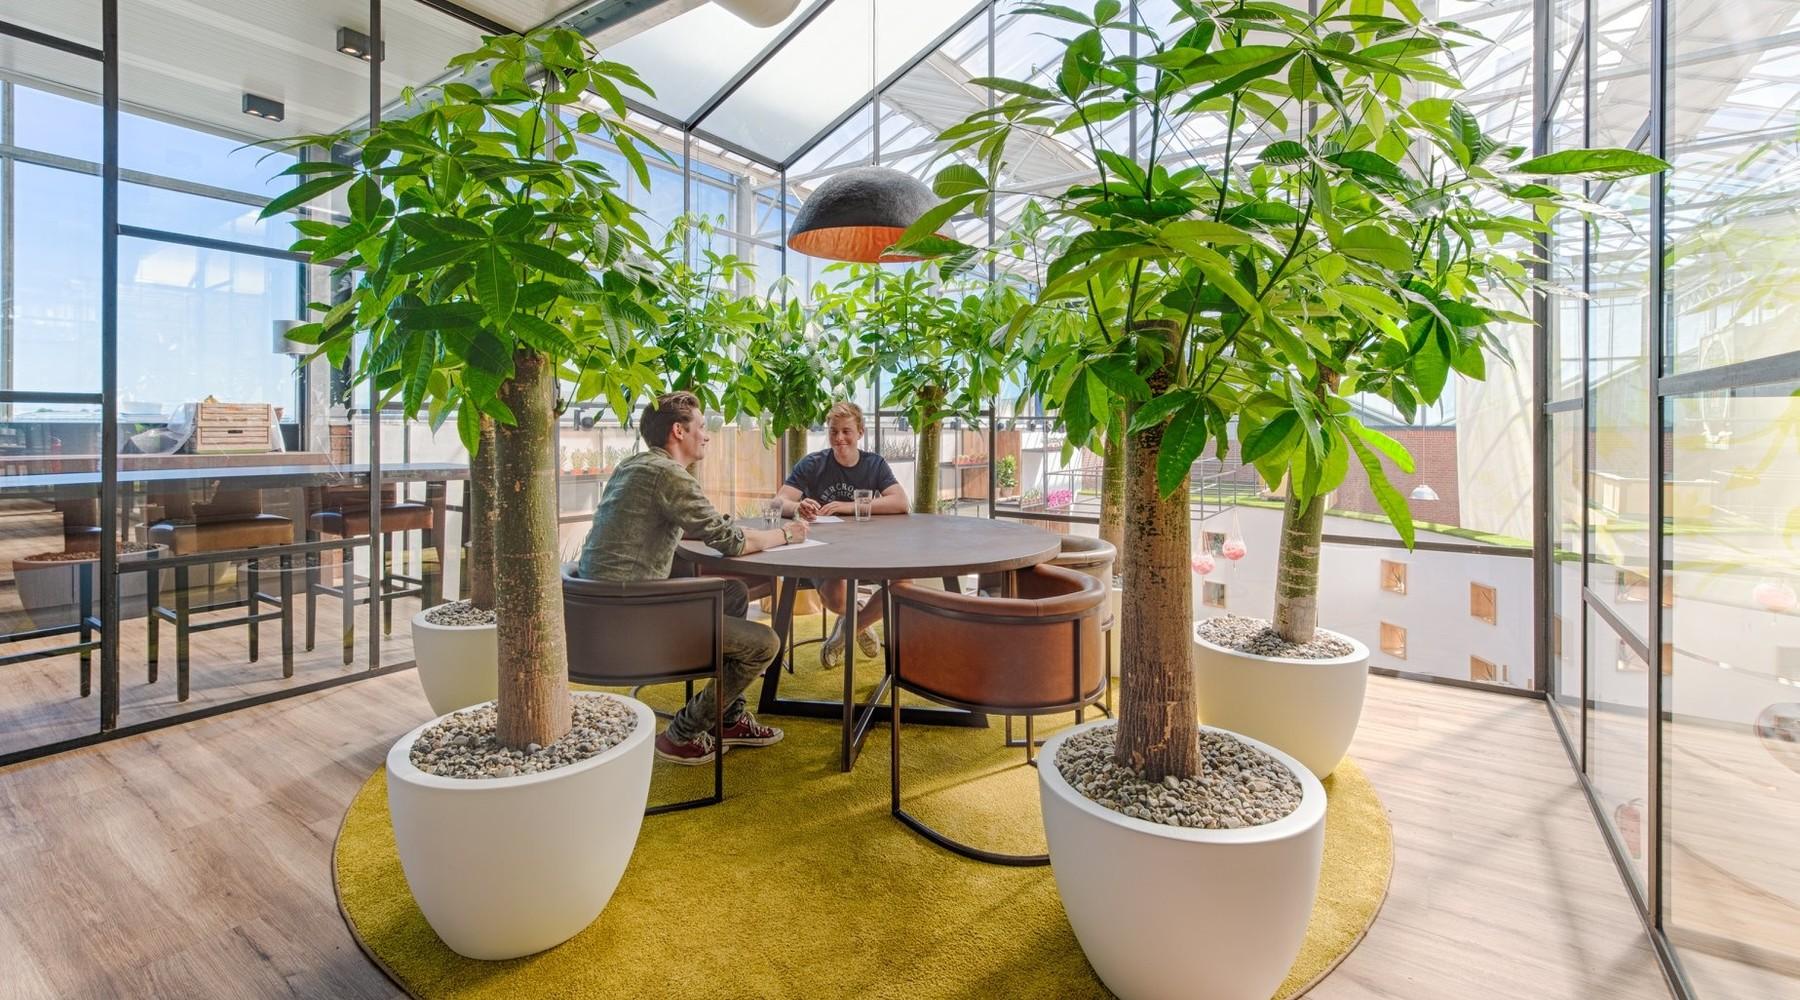 Nieuw in ons assortiment: Wout, een boom van een kamerplant